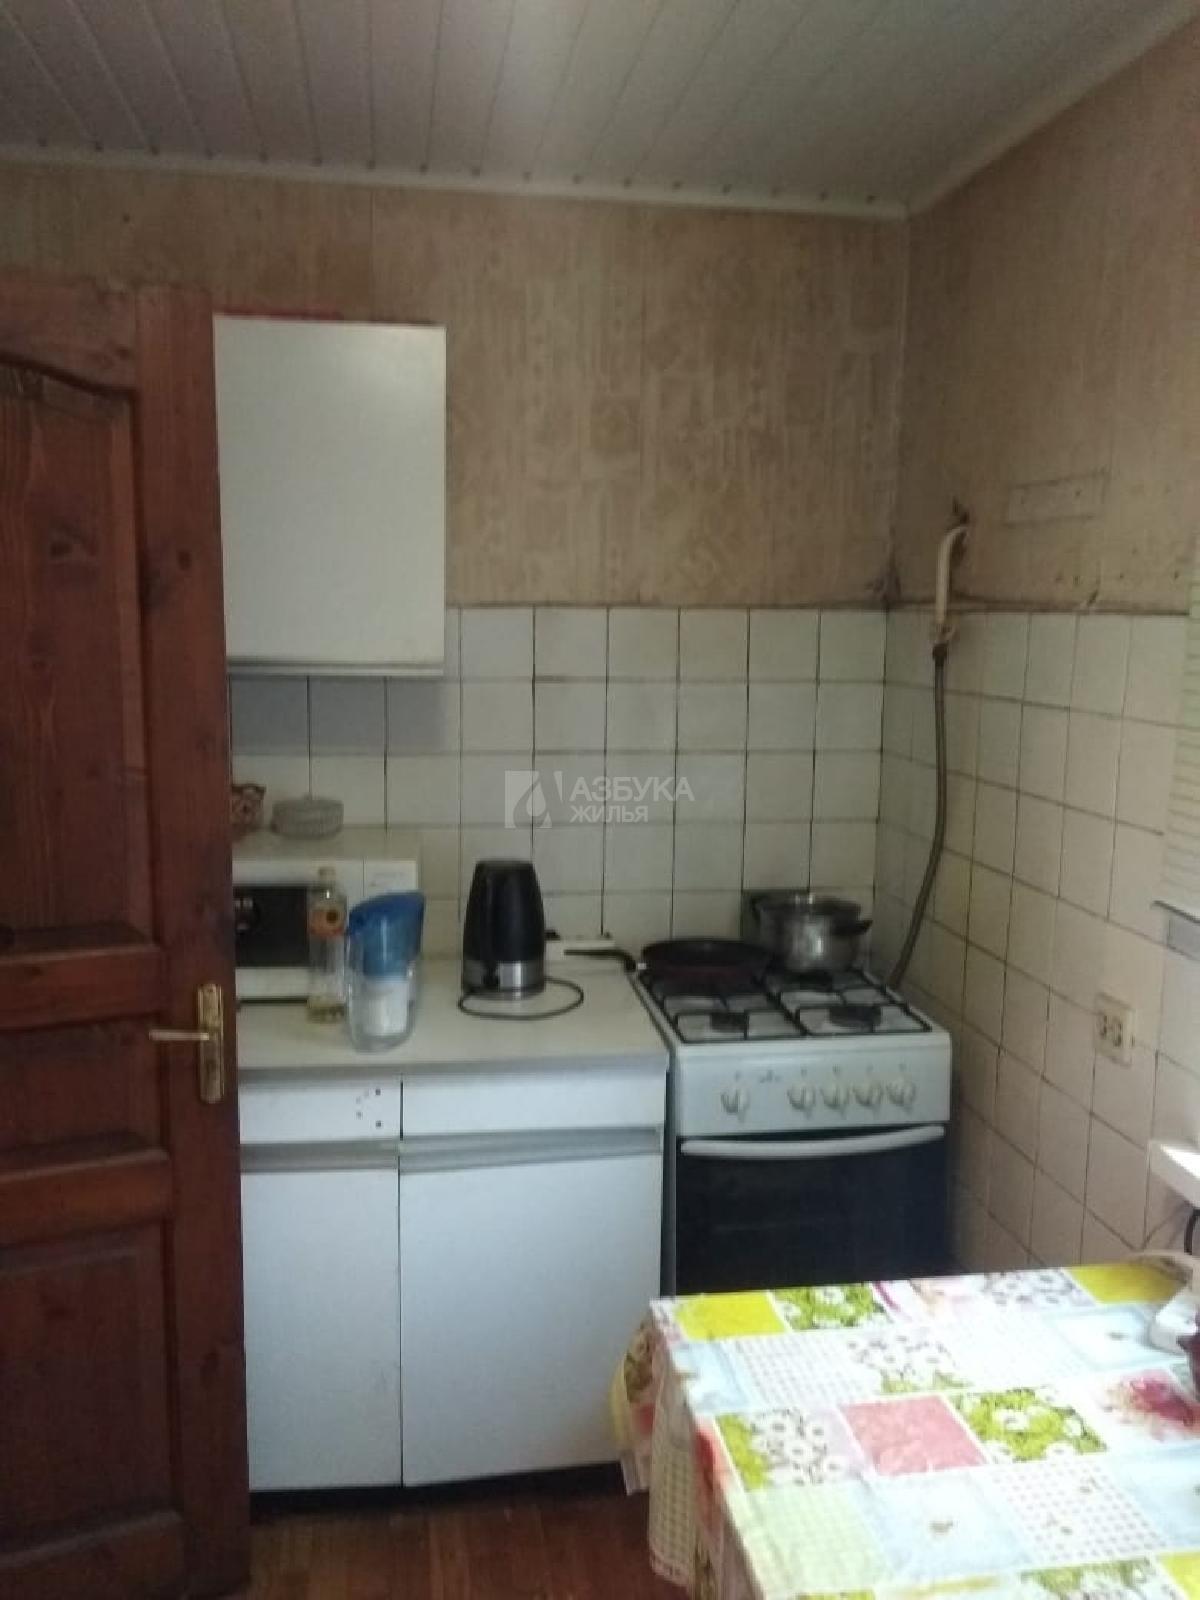 Фото №4 - 3-комнатная квартира, Тарасовка, Пожидаева улица 13 А